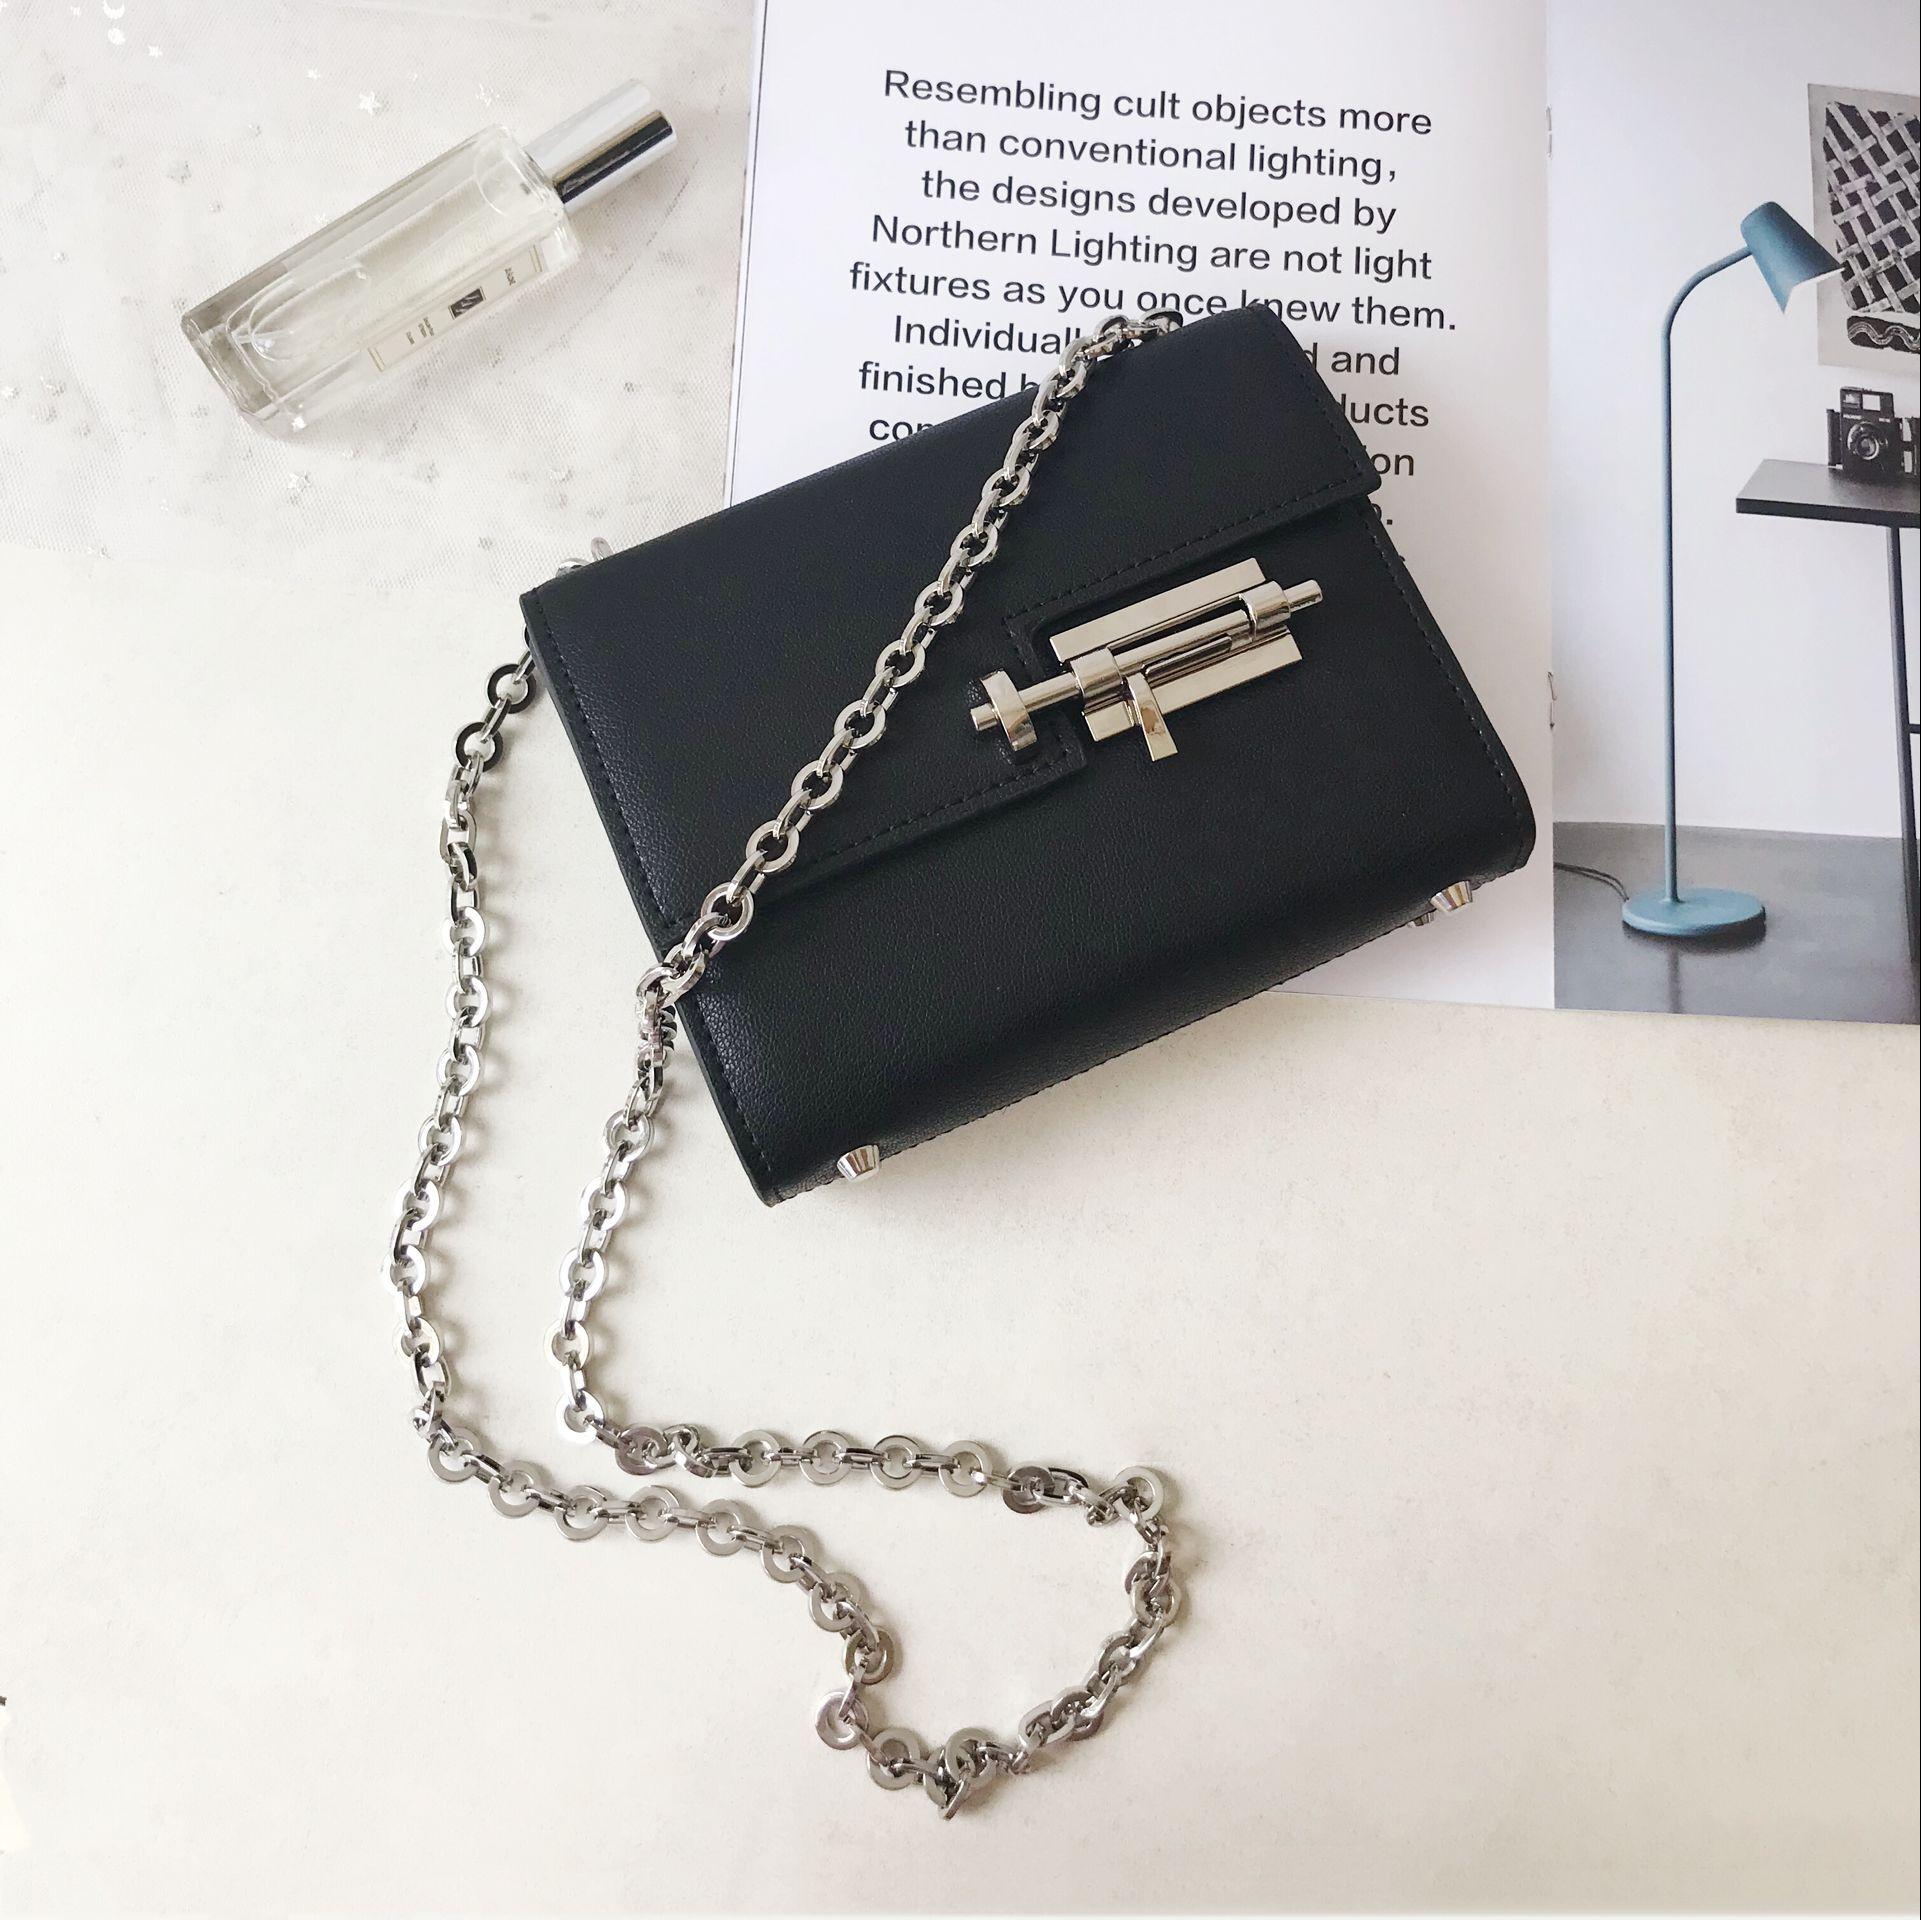 Marka prawdziwe skórzane Crossbody torba na co dzień torby na ramię srebrne łańcuszki czarny flap torba Bolsa Sac zachód projektanci Mini torby w Torebki na ramię od Bagaże i torby na  Grupa 1